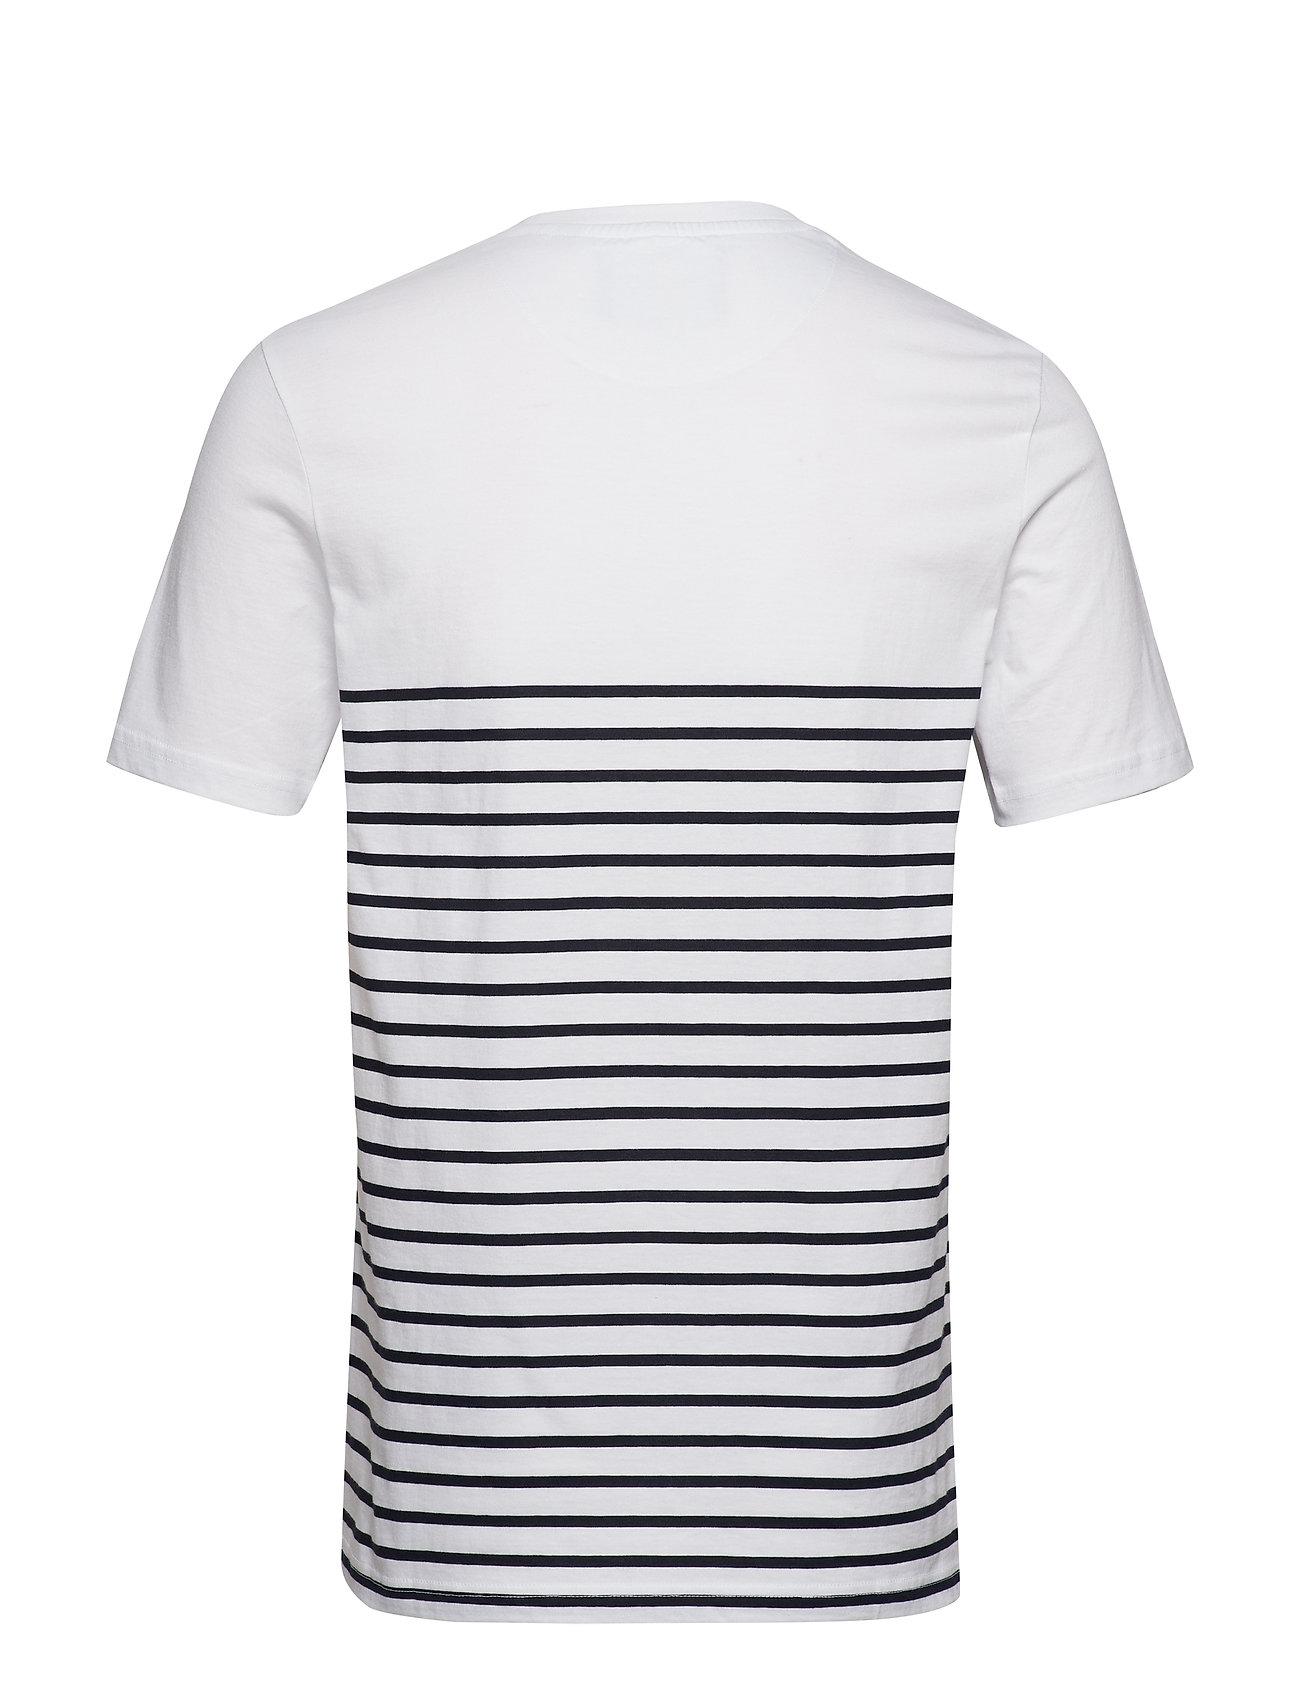 Stripe navyLyleamp; Scott T shirtwhite Breton Rc45j3qLA